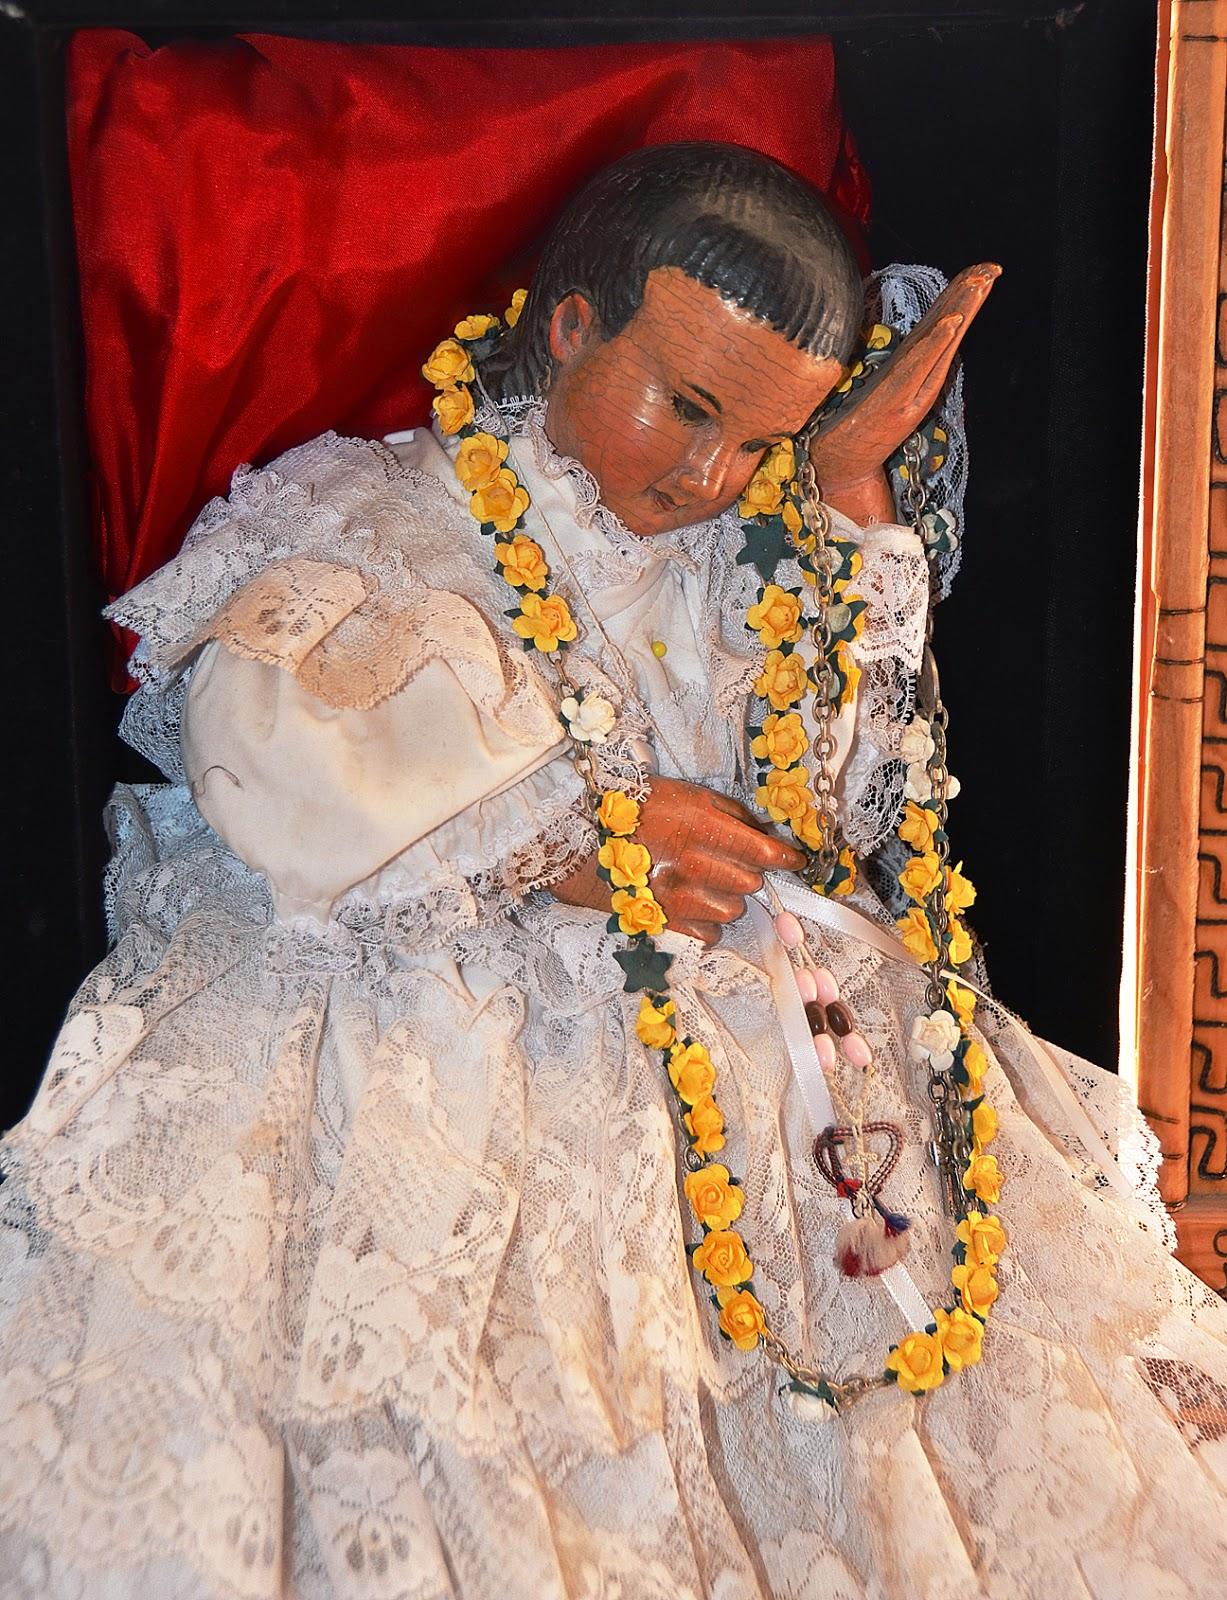 Santo Nino chapel, Santa Nino de Atocha, Santuario de Chimayo, Chimayo chapel, Santo Nino Chimayo, Chimayo